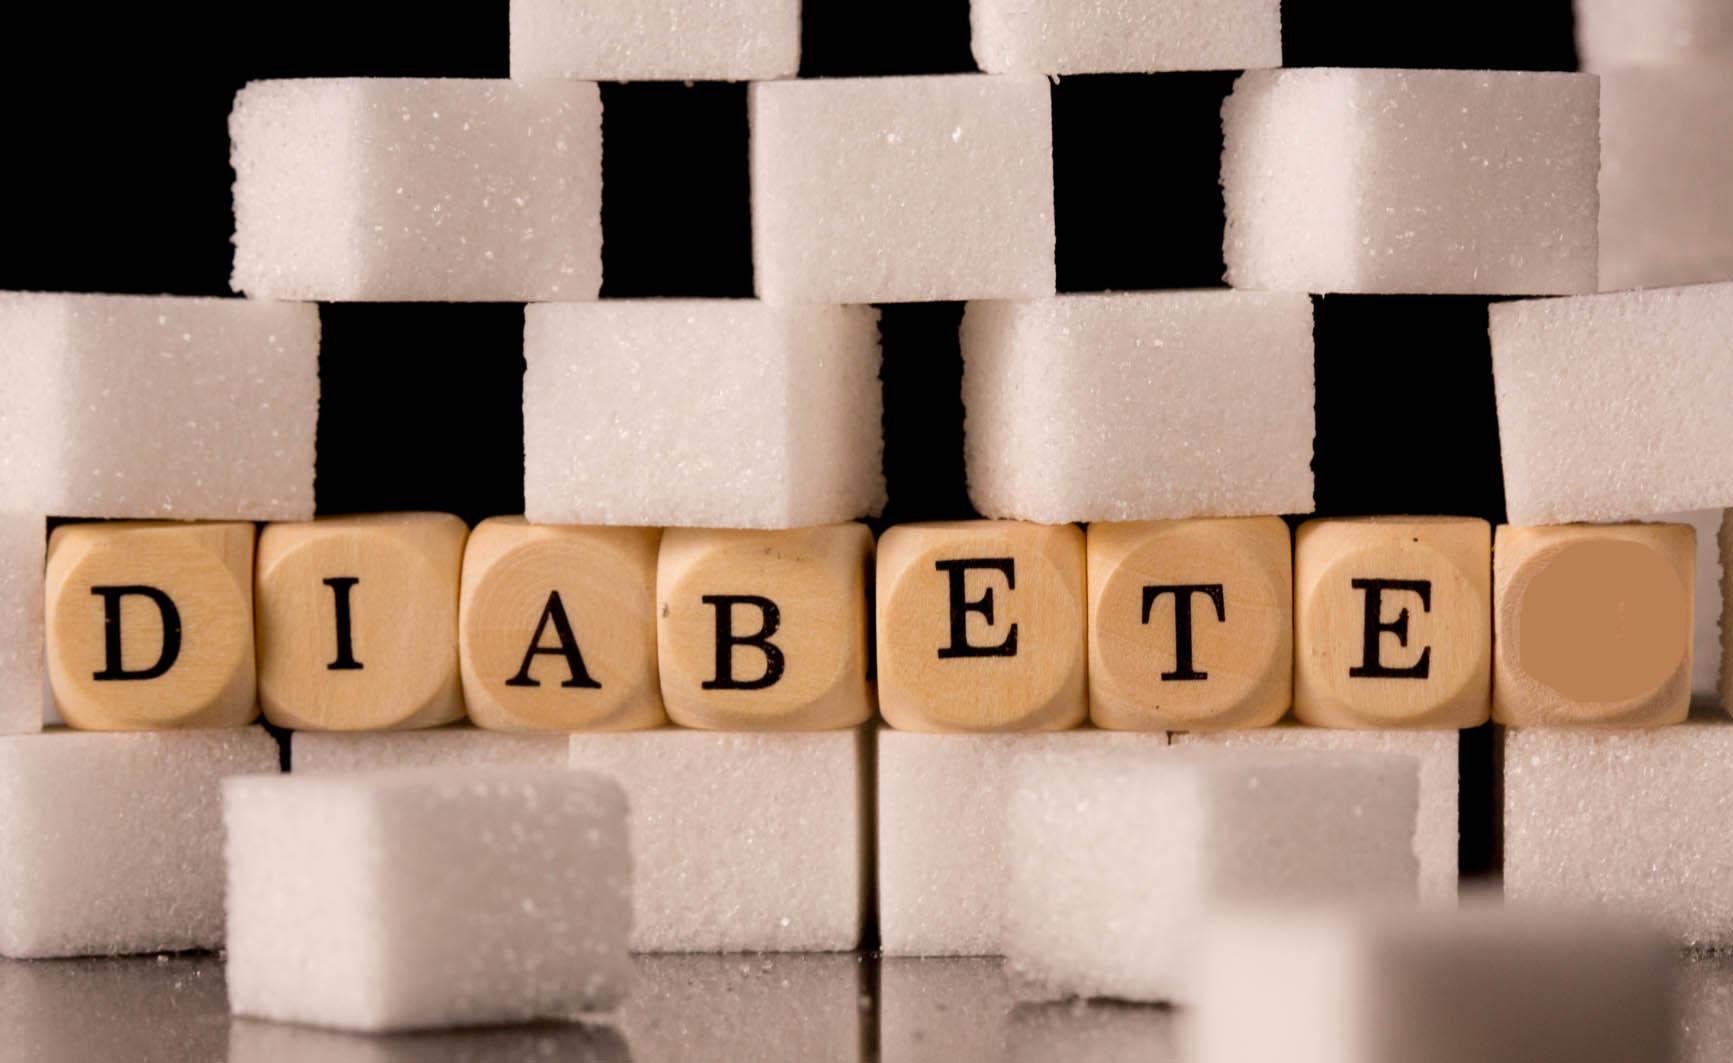 Diabete: i campanelli di allarme